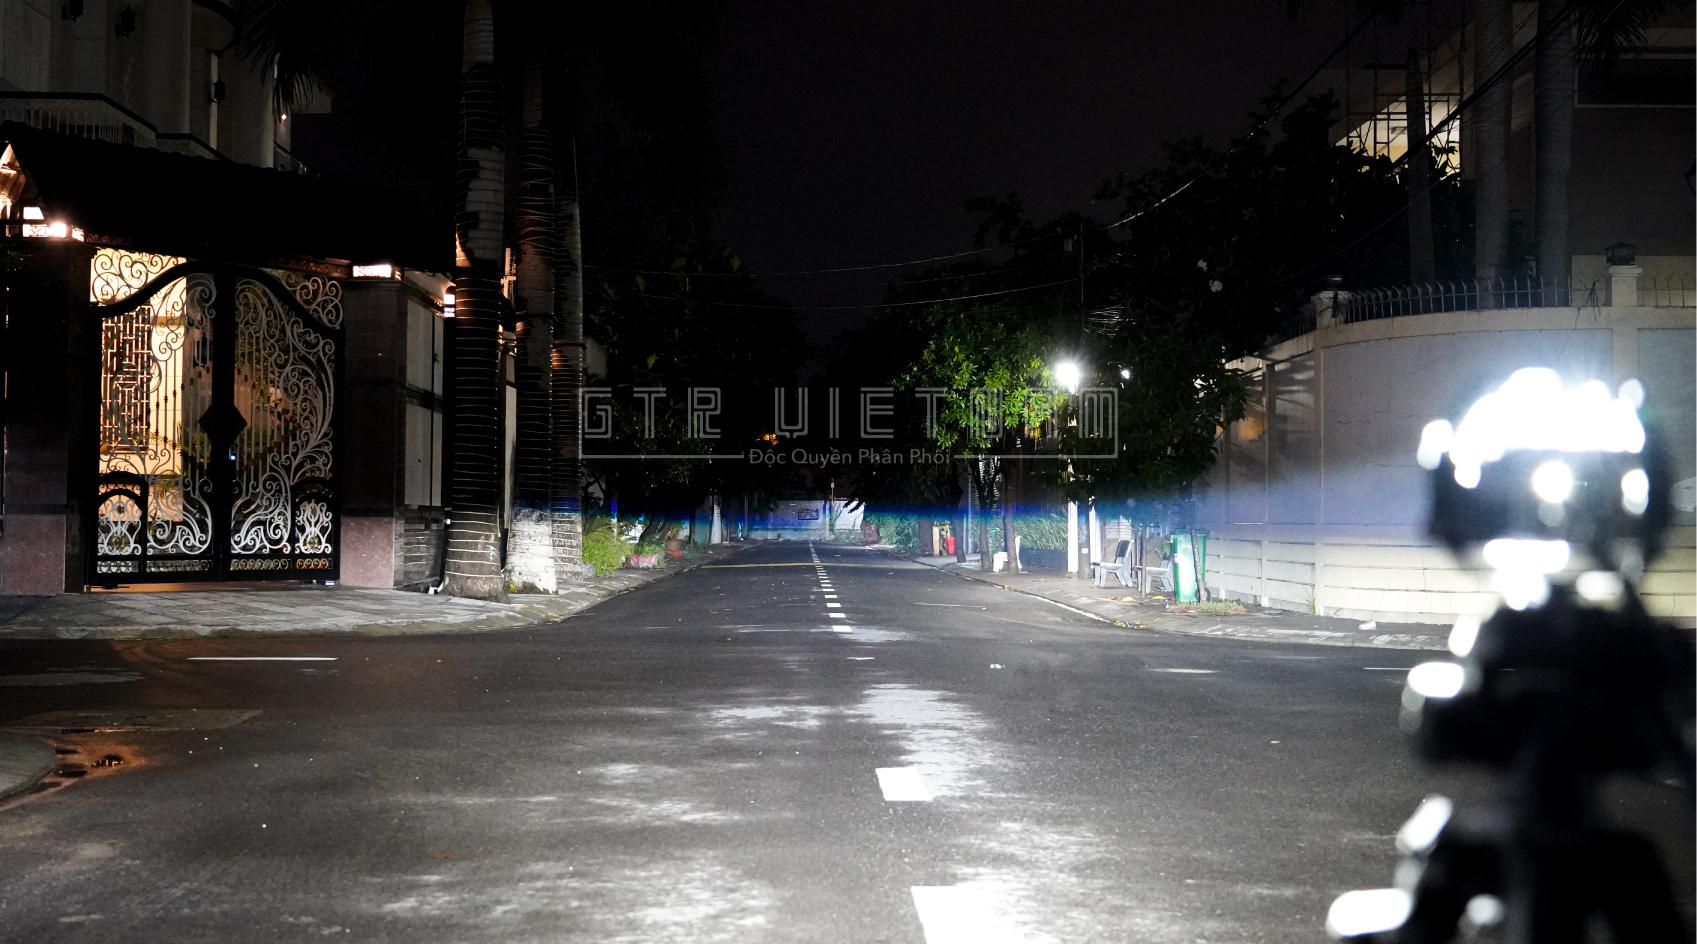 Chọn đèn tăng sáng cho xe hơi? Mua đèn tăng sáng tại TP HCM?